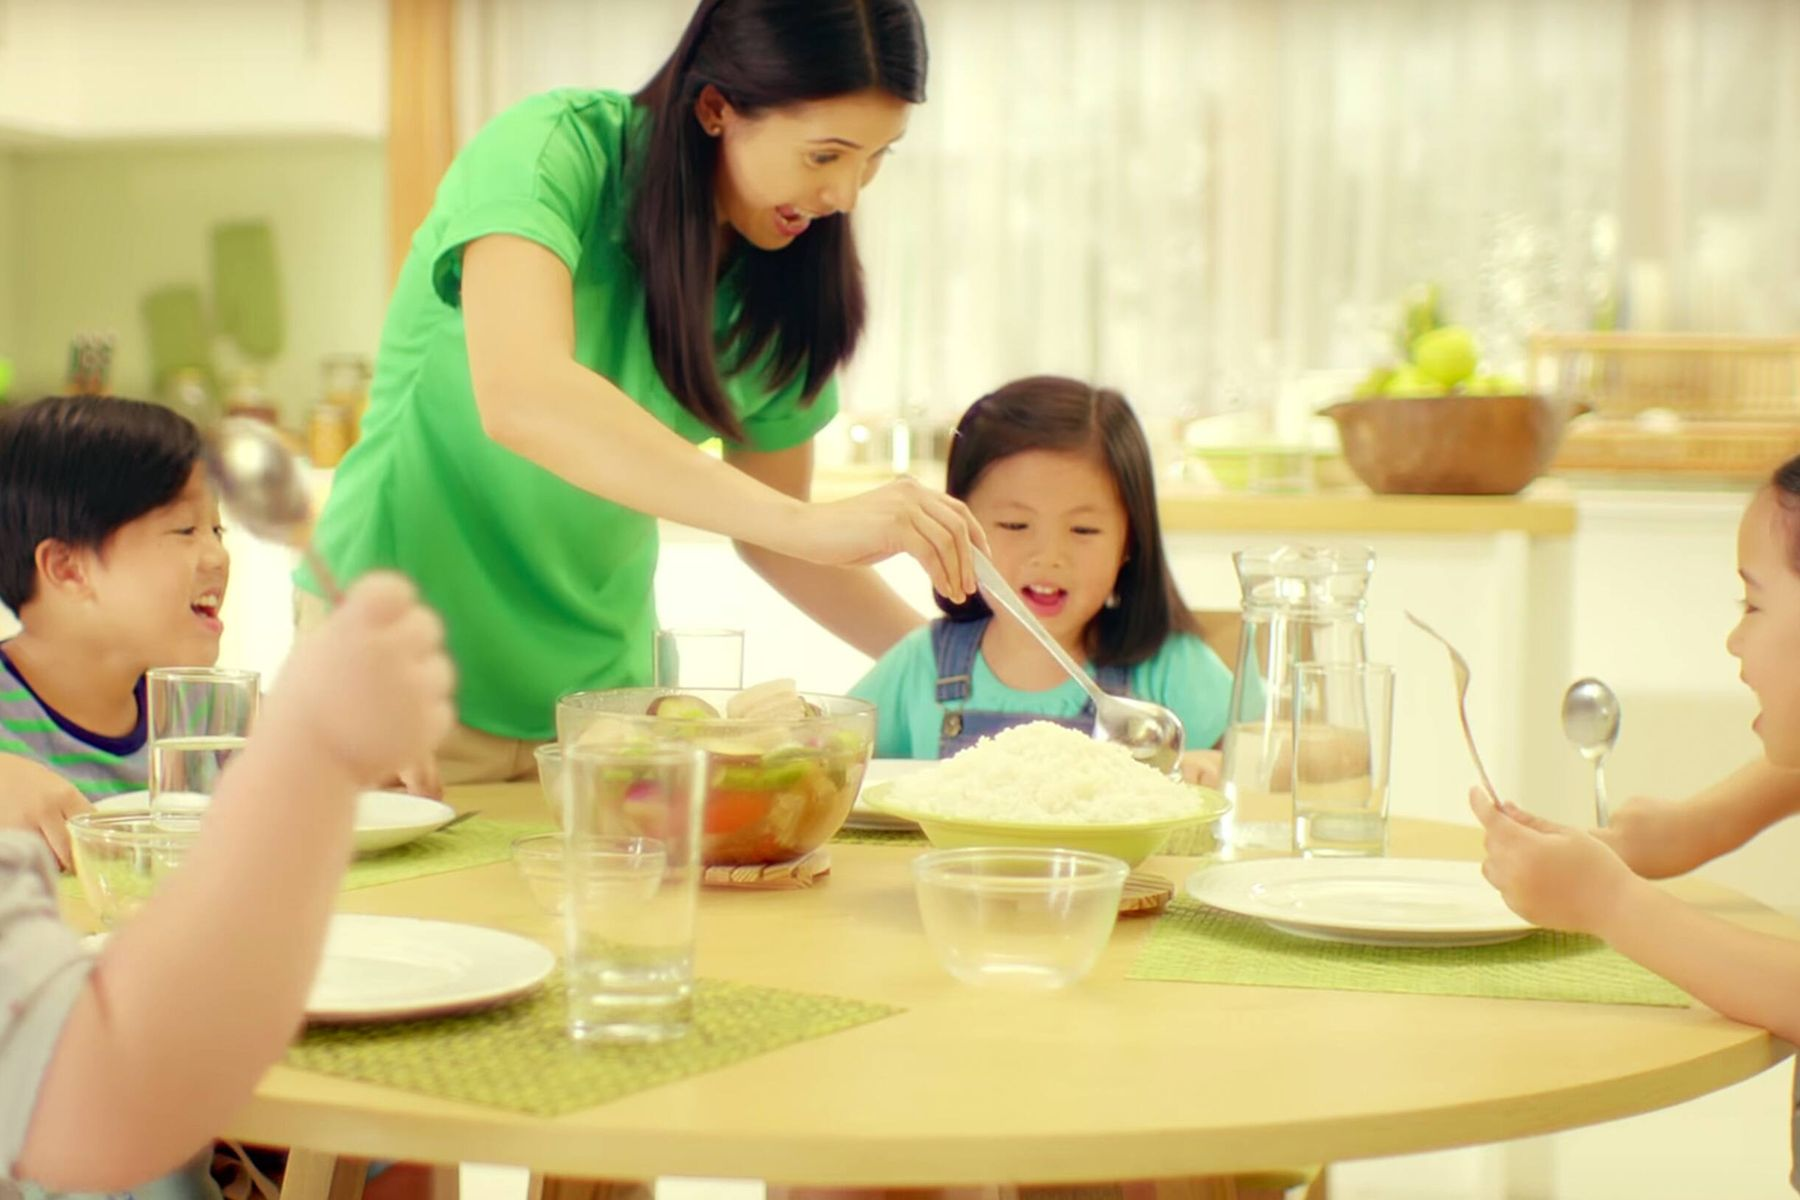 4 Căn bệnh nguy hiểm mẹ cần lưu ý khi trẻ nhà bạn bị ho